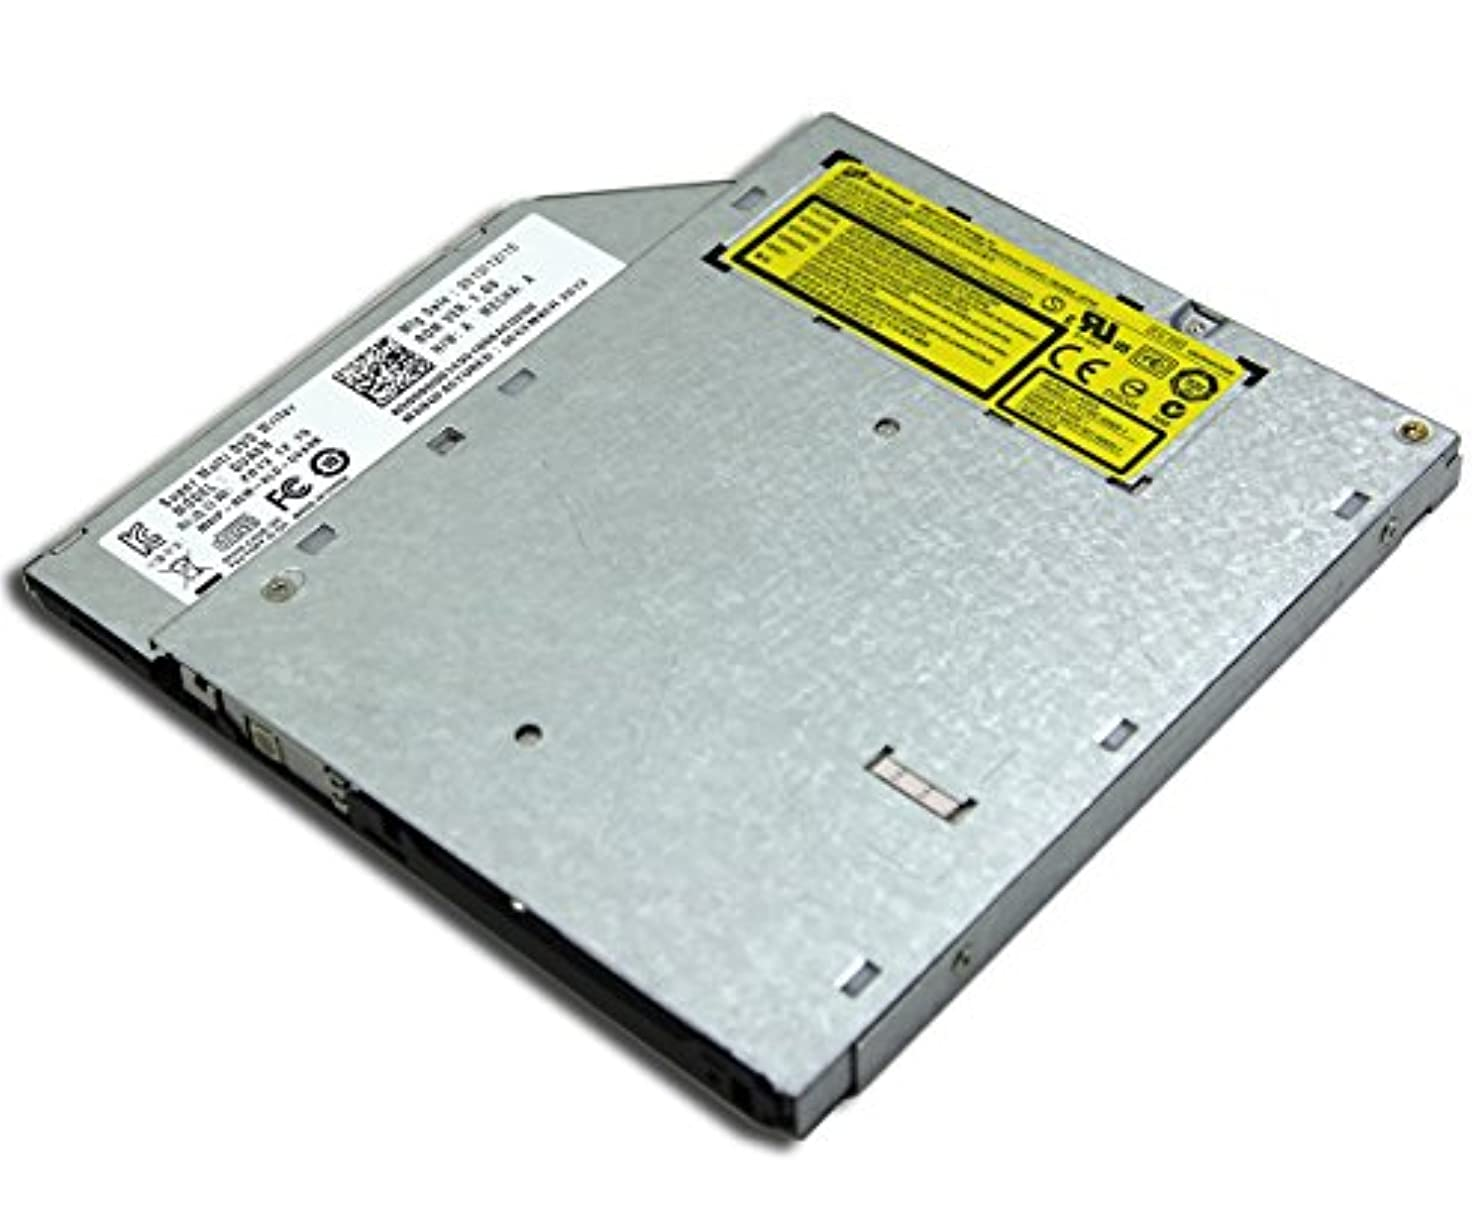 パーフェルビッドテレビを見る確かめる新しいダブルレイヤ8 x DVD + +/- RW DL Burner光学ドライブfor Acer Aspire m5 – 583p m5 – 581t m5 – 581tg m5 – 481pt m5 – 583p m5 – 481pt m5 – 582ptノートブックPC内部DVD - RAM 24 x CD - Rライター交換パーツ